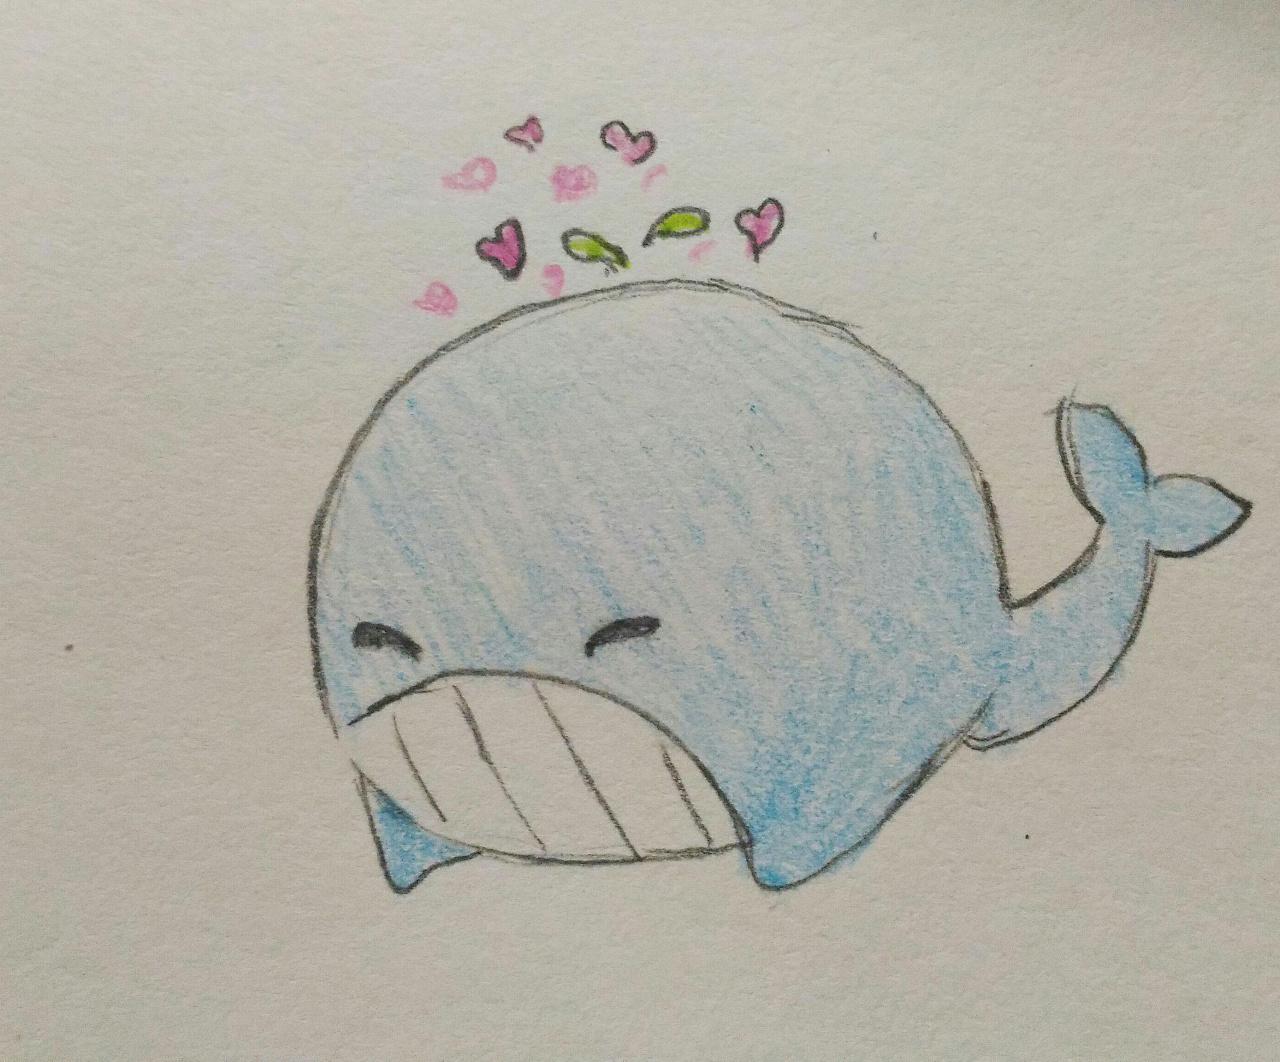 动物手绘练习 彩铅上色